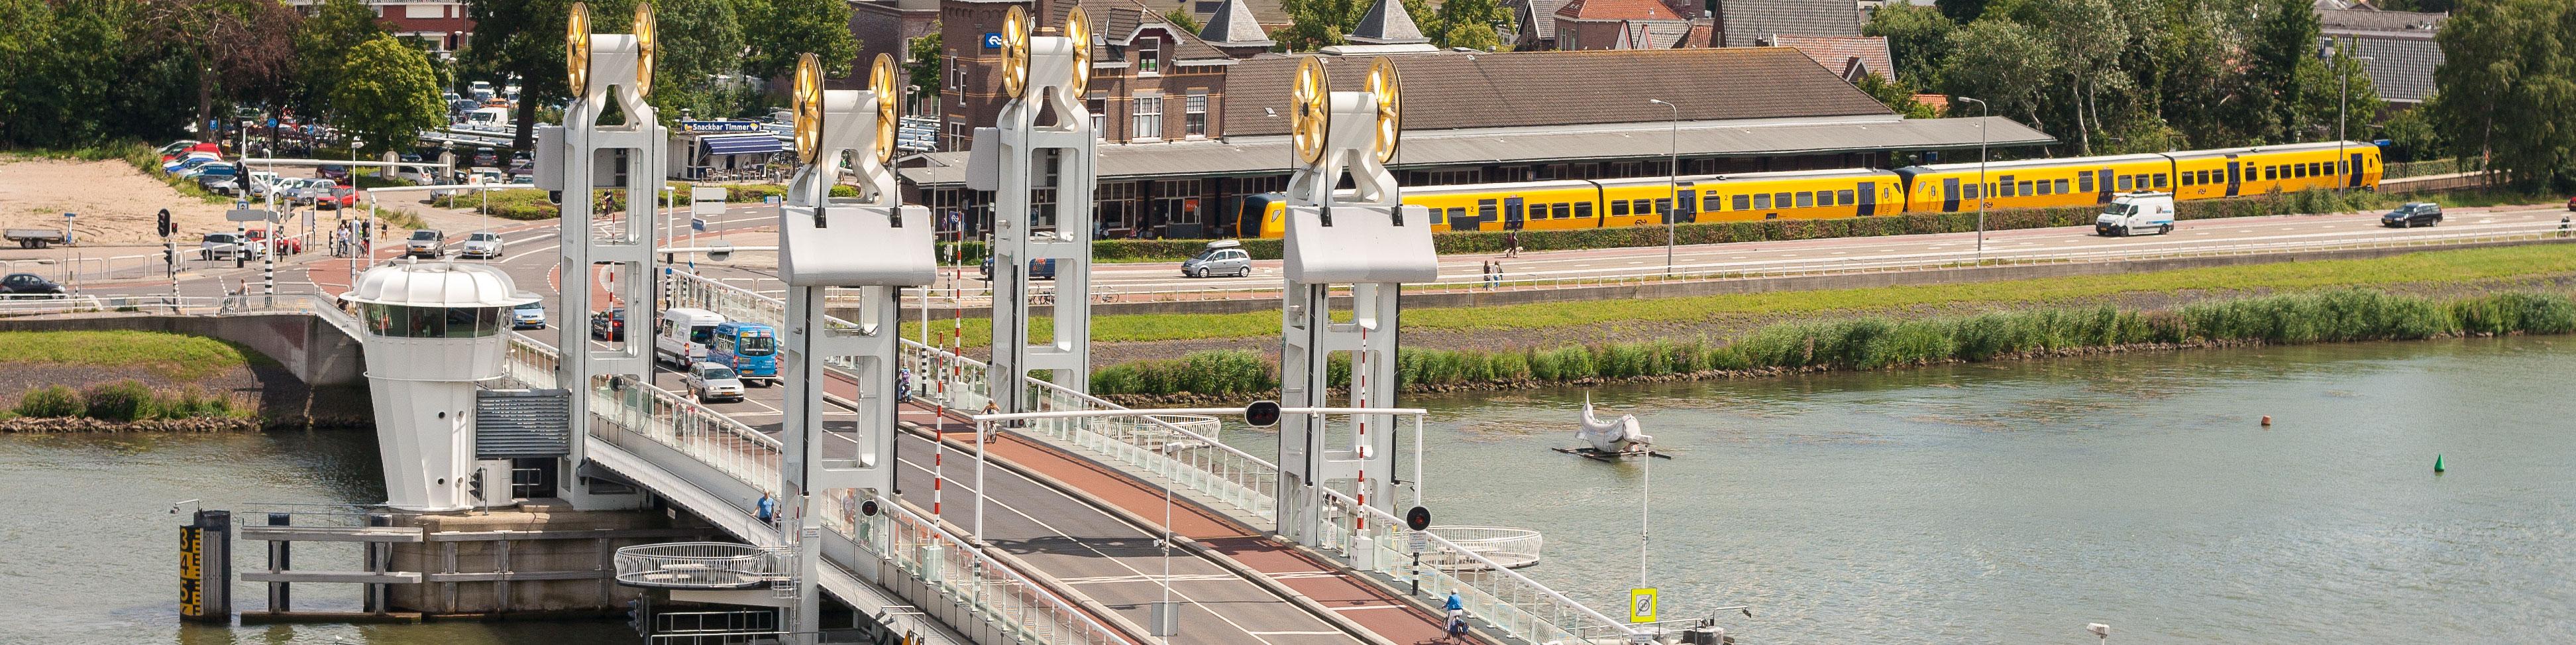 Arrangementen. Ontdek Kampen per boot, fiets en te voet !